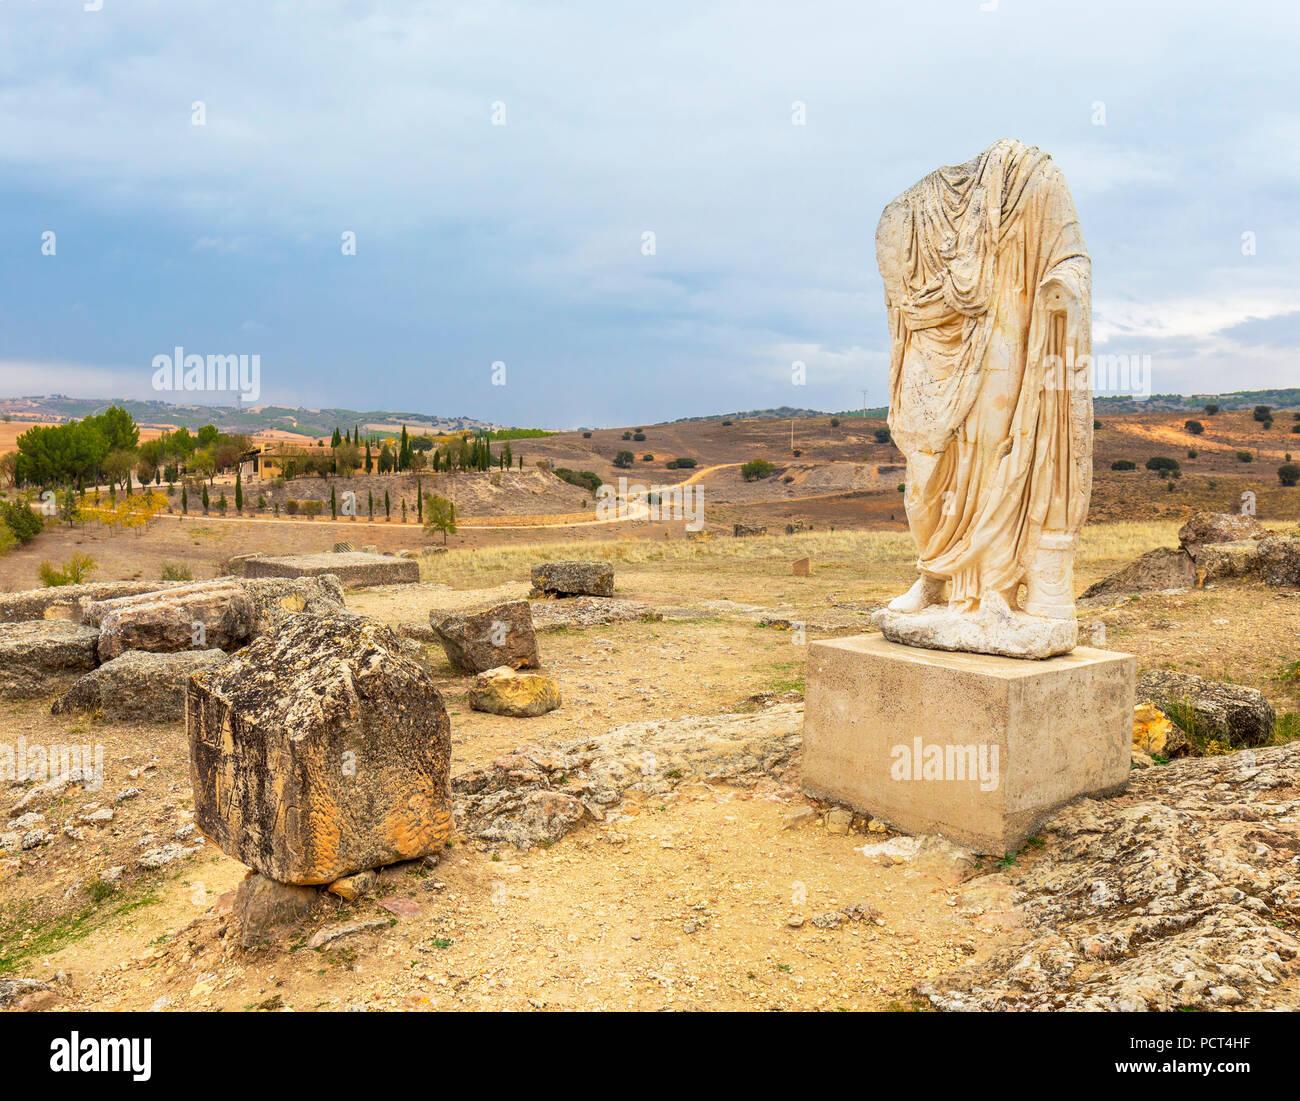 Ruines de la ville d'Celtic-Roman Segobriga, près de Saelices, province de Cuenca, communauté autonome de Castille-La Manche, en Espagne. Parque Arqueológico de Segóbriga. St sans tête Photo Stock